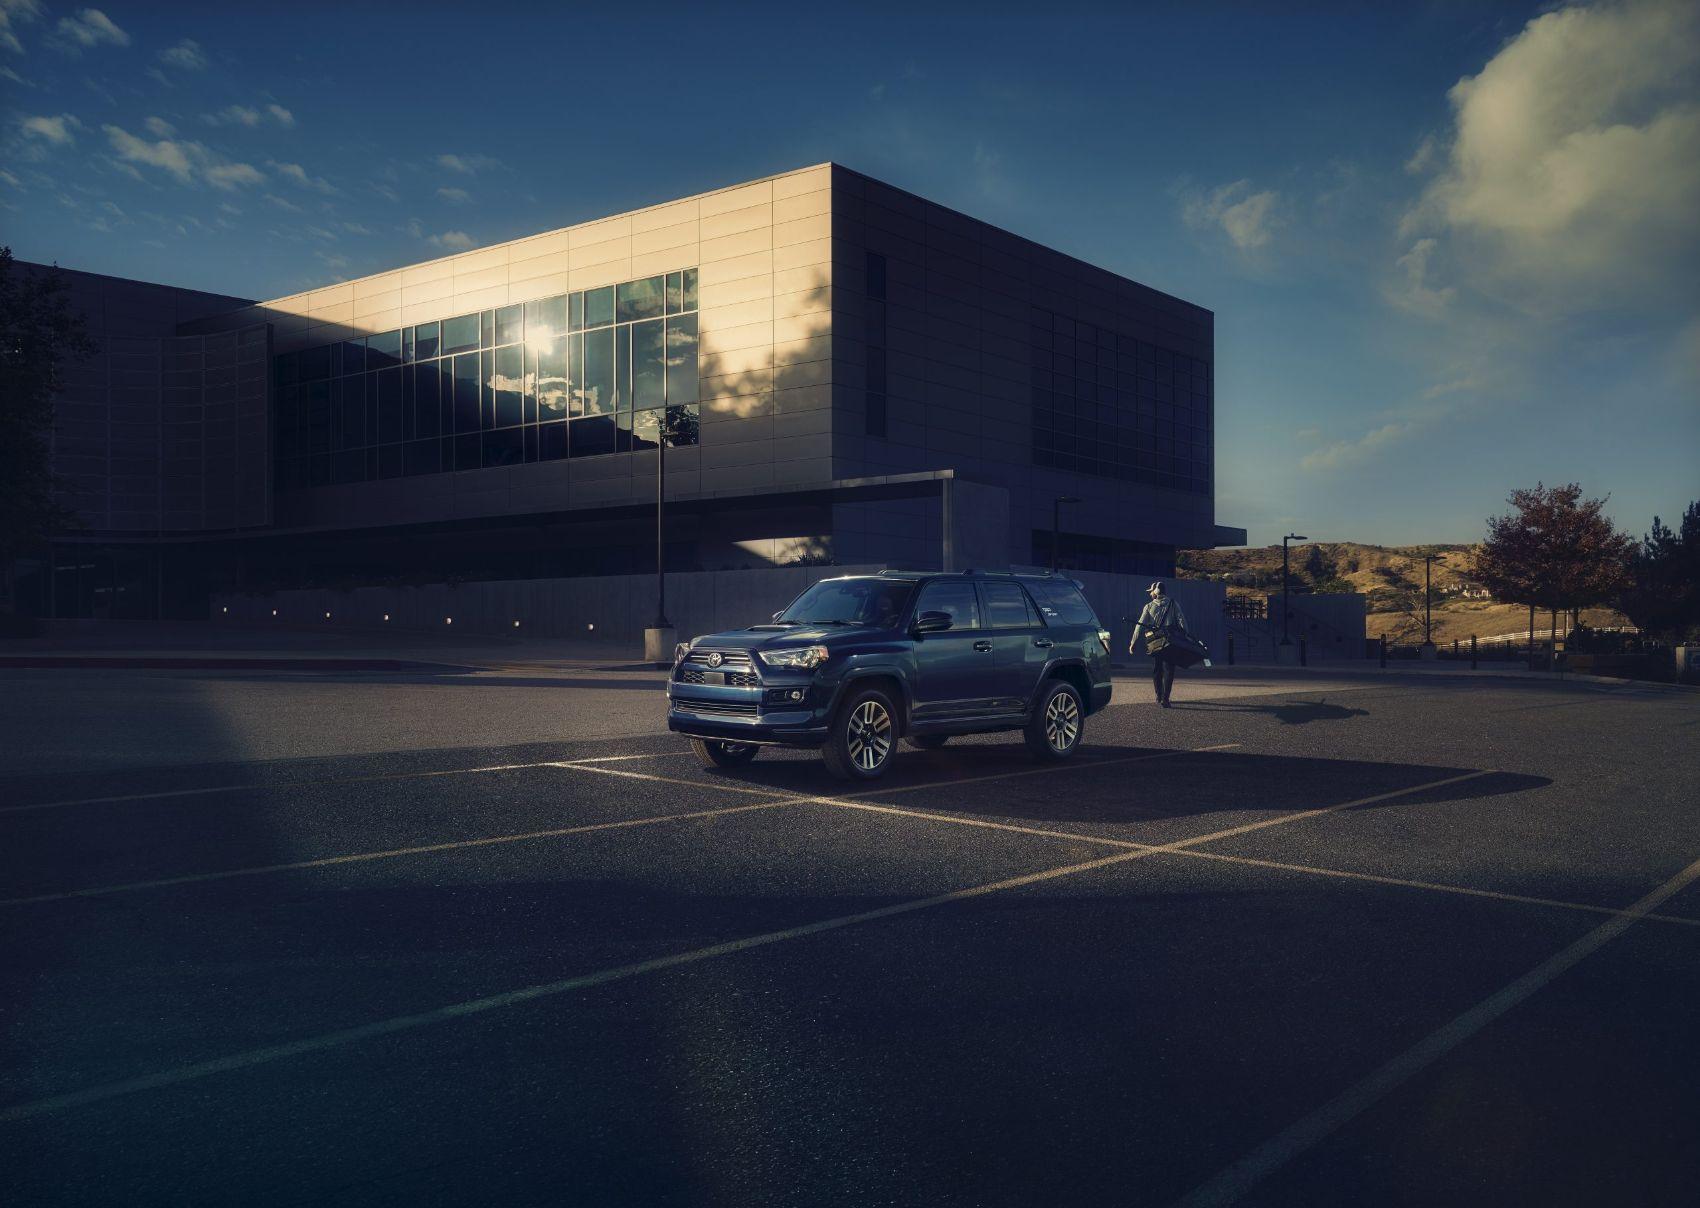 2022 Toyota 4Runner TRD Sport: A Fresh Take On Toyota's Venerable Family SUV